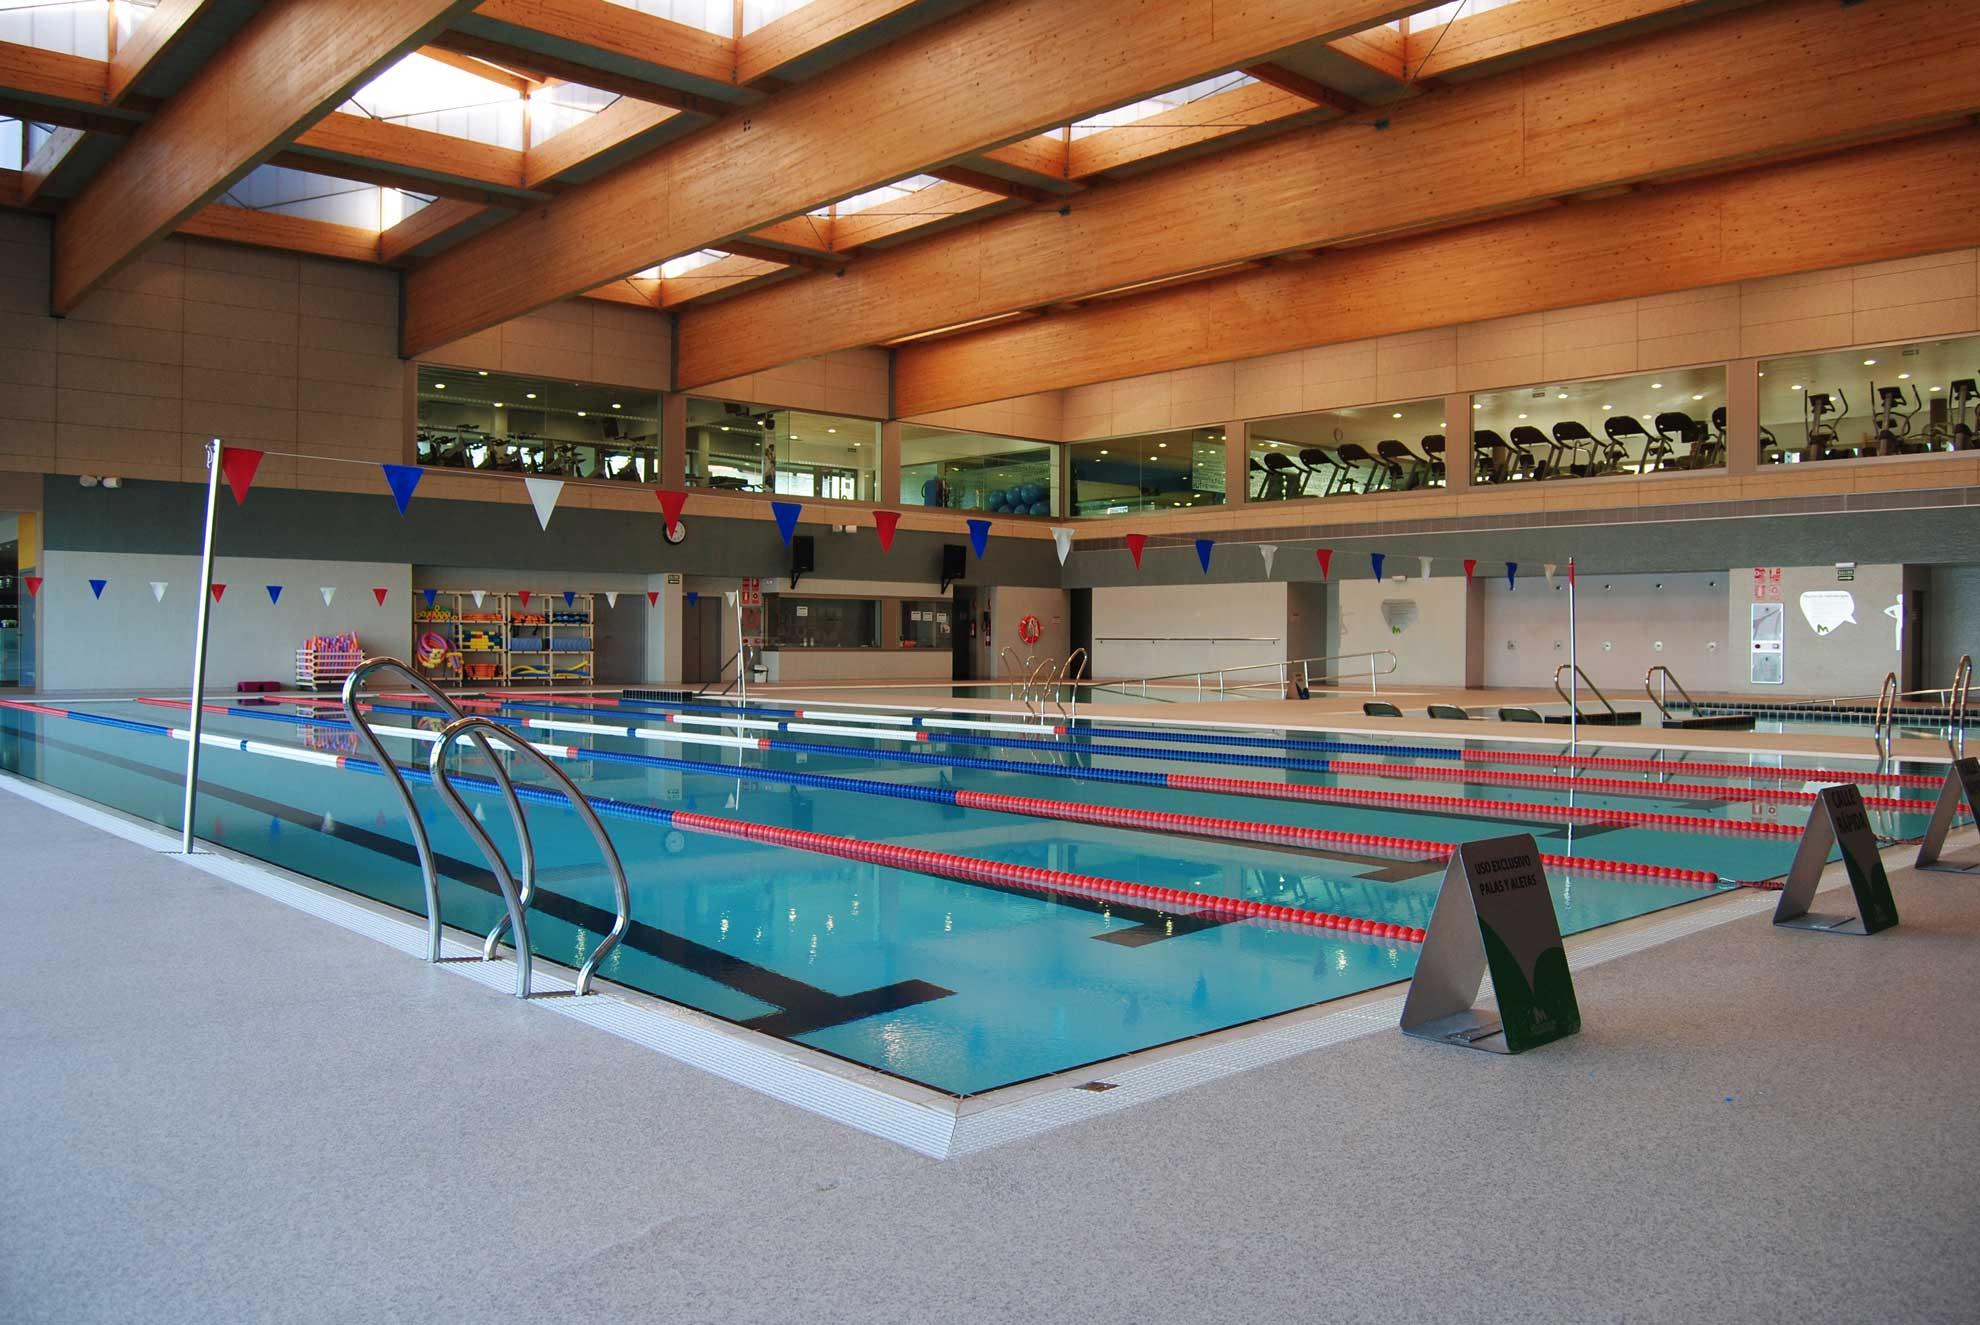 Instalaciones complejo deportivo el mayorazgo - Complejo deportivo el mayorazgo ...